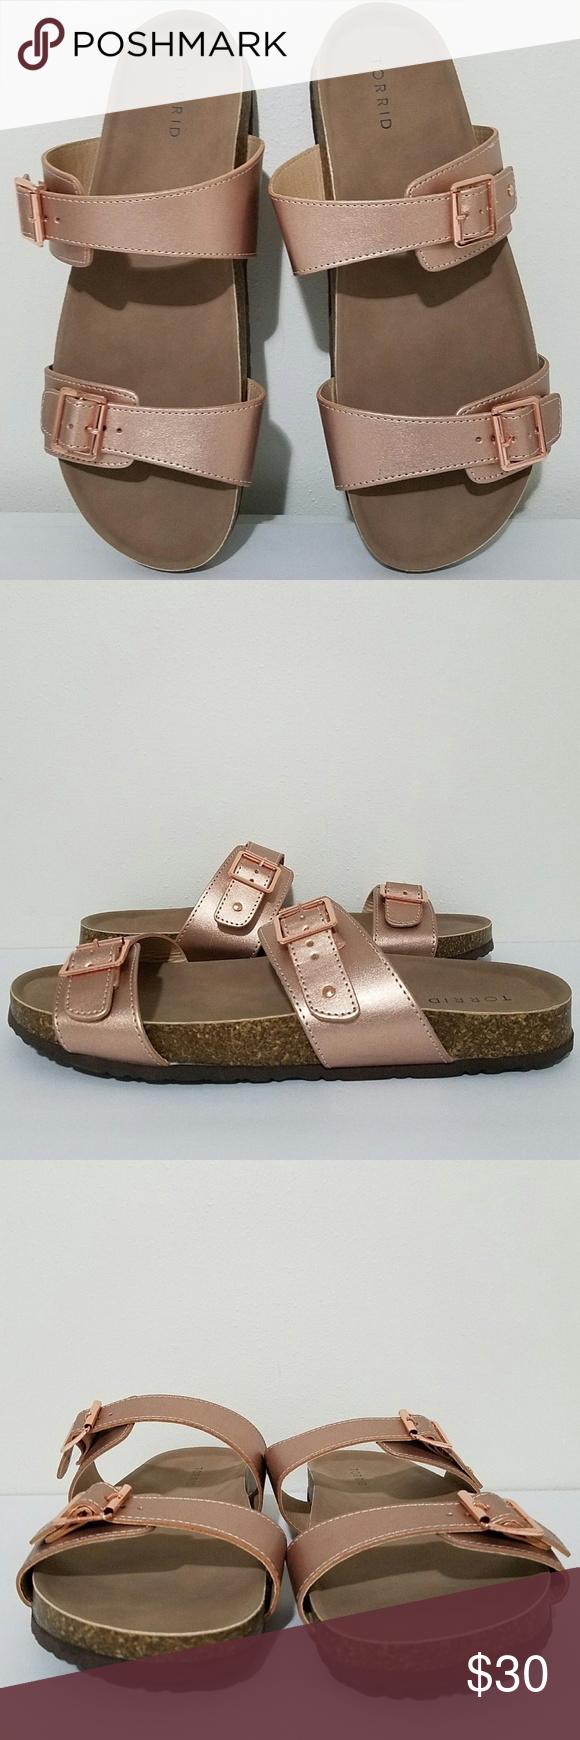 d4647e6a7fb4 Torrid Slides Flip Flop Sandals Size 12.5 Torrid Women s Slide Buckle  T-Strap Cork Sole Platform Flip Flop Sandals Sz 12.5 COLOR  ROSE GOLD HEEL  HEIGHT  1 ...